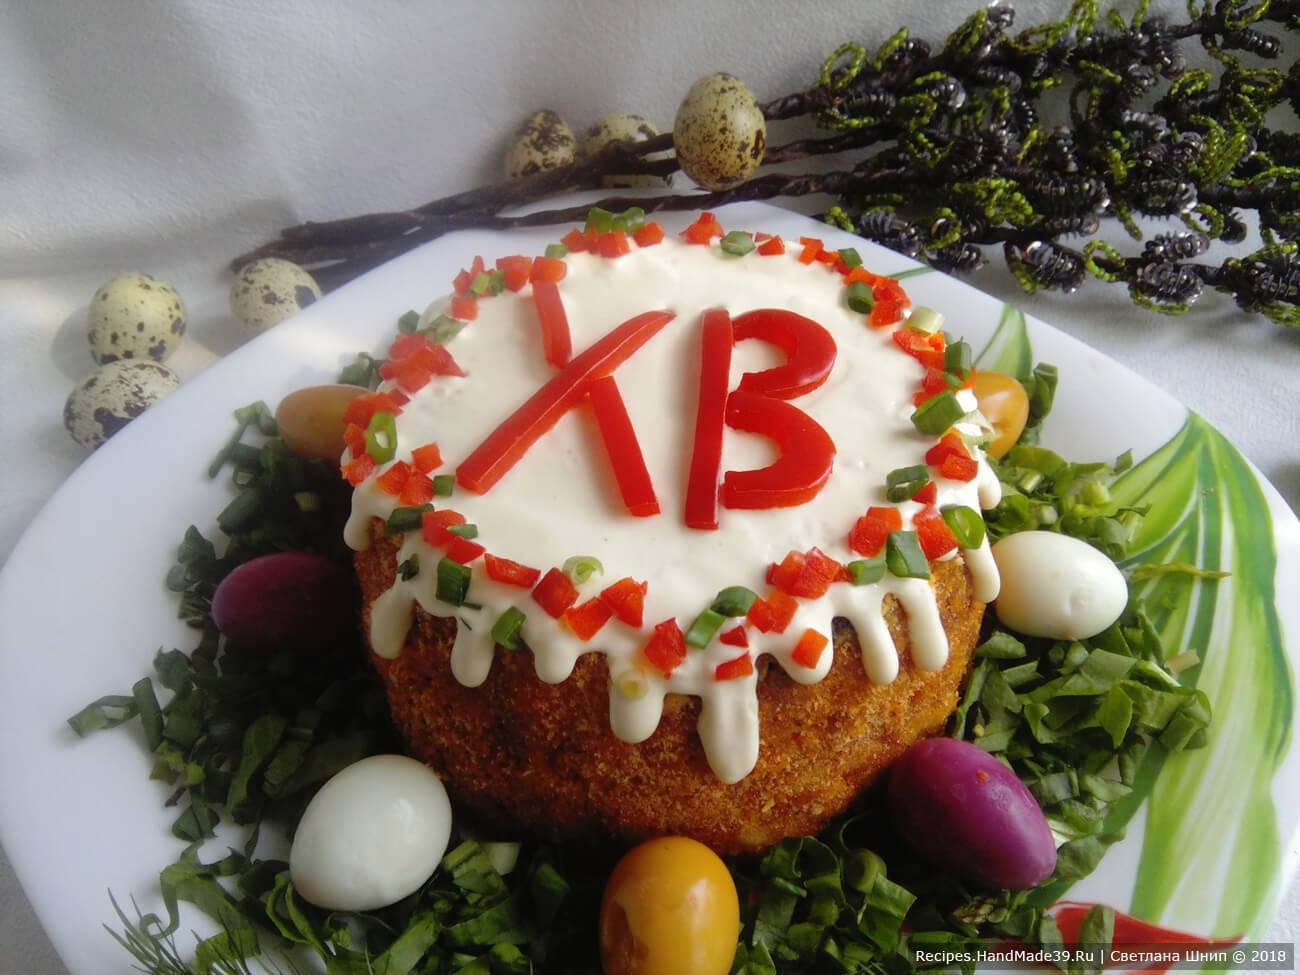 Выложить окрашенные яйца вокруг салата. Сверху выложить буквы ХВ, вырезанные из помидора или красного сладкого перца. По окружности сделать декоративную кайму из кубиков помидора и зелёного лука